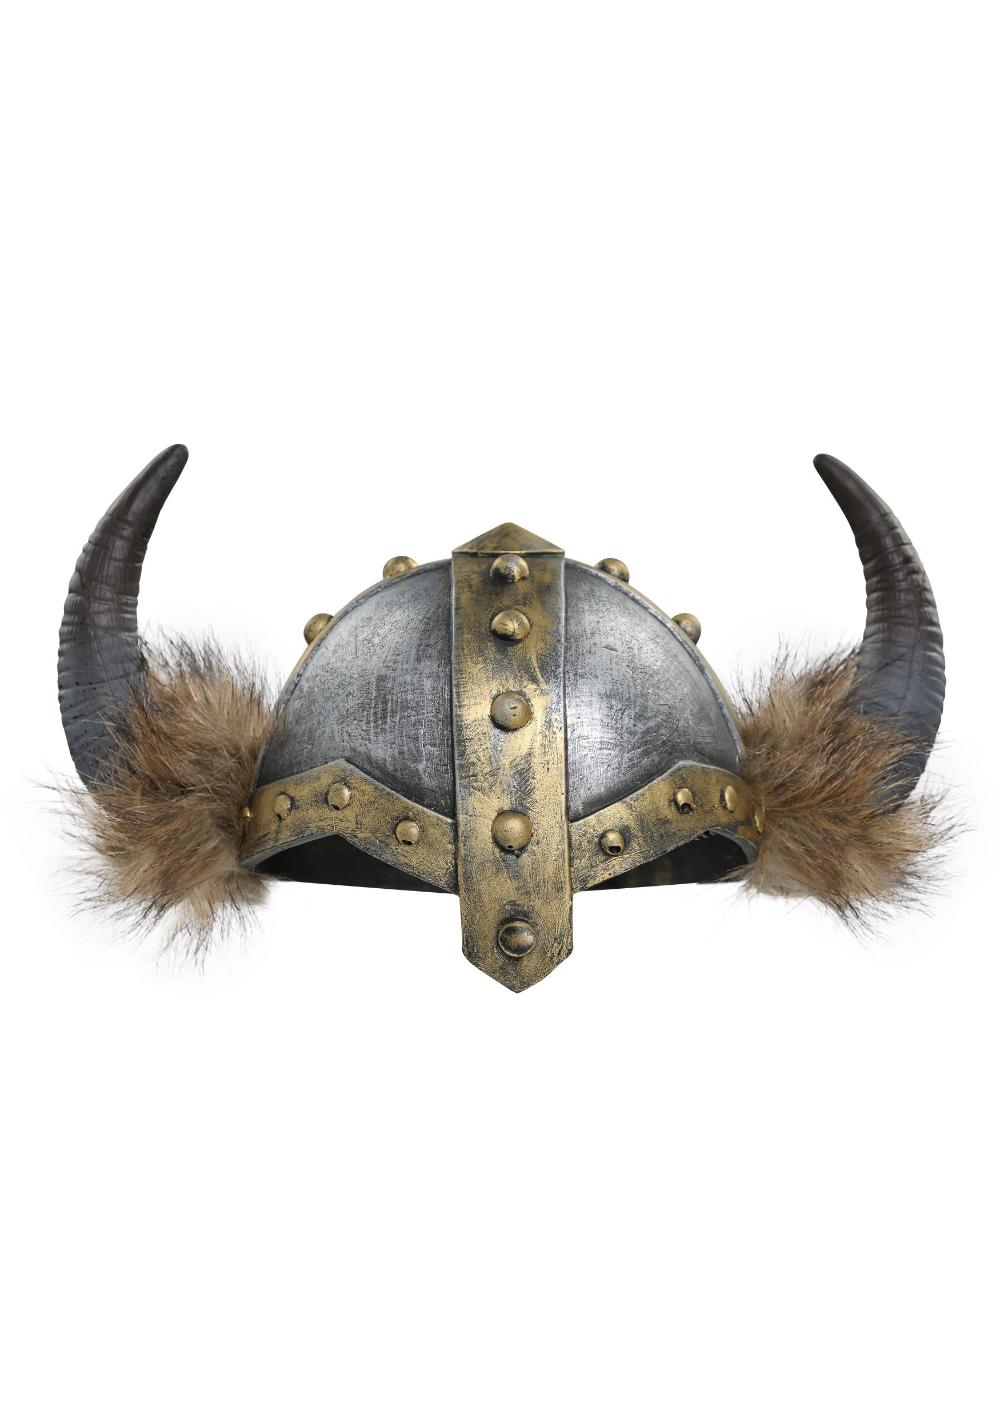 Horned Viking Women S Helmet Viking Helmet Viking Woman Viking Costume